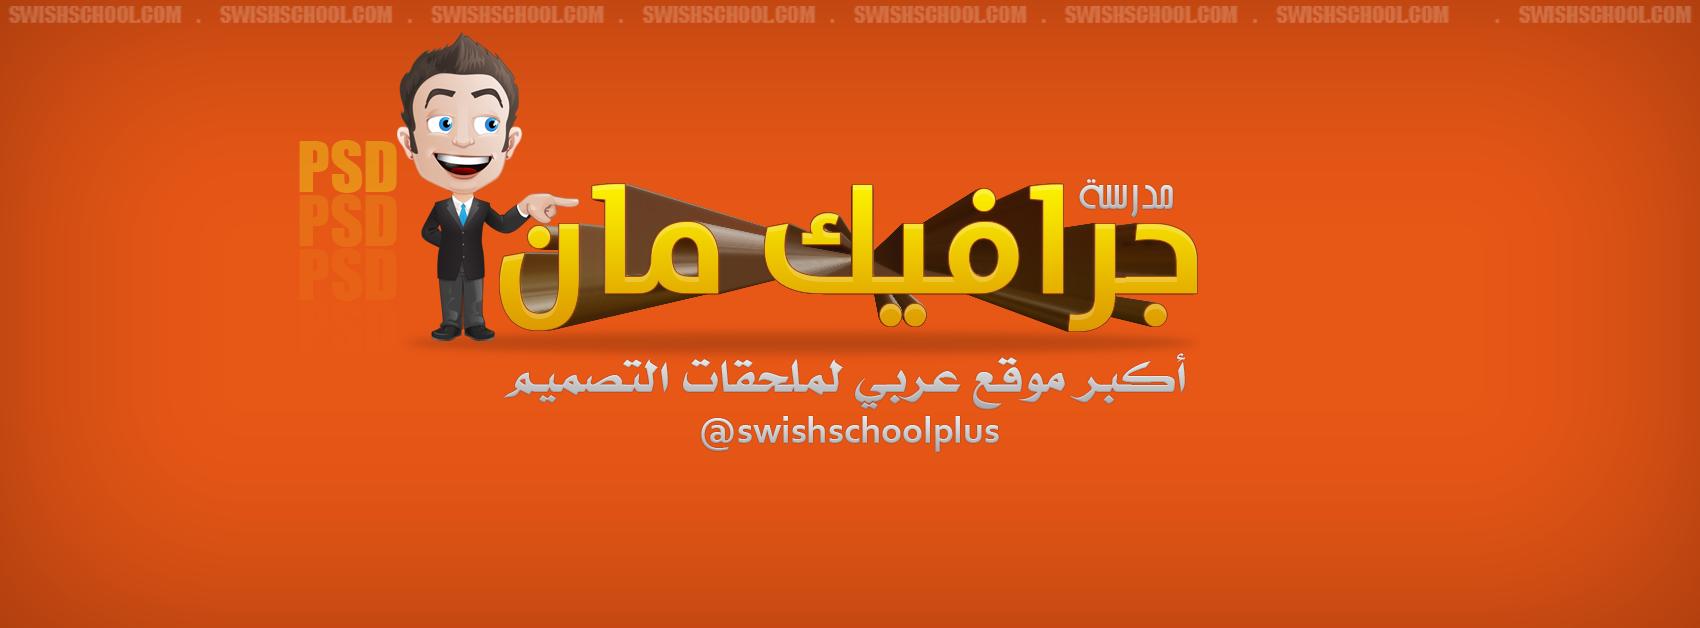 حملة اشهار مدرسة جرافيك مان على الفيس بوك